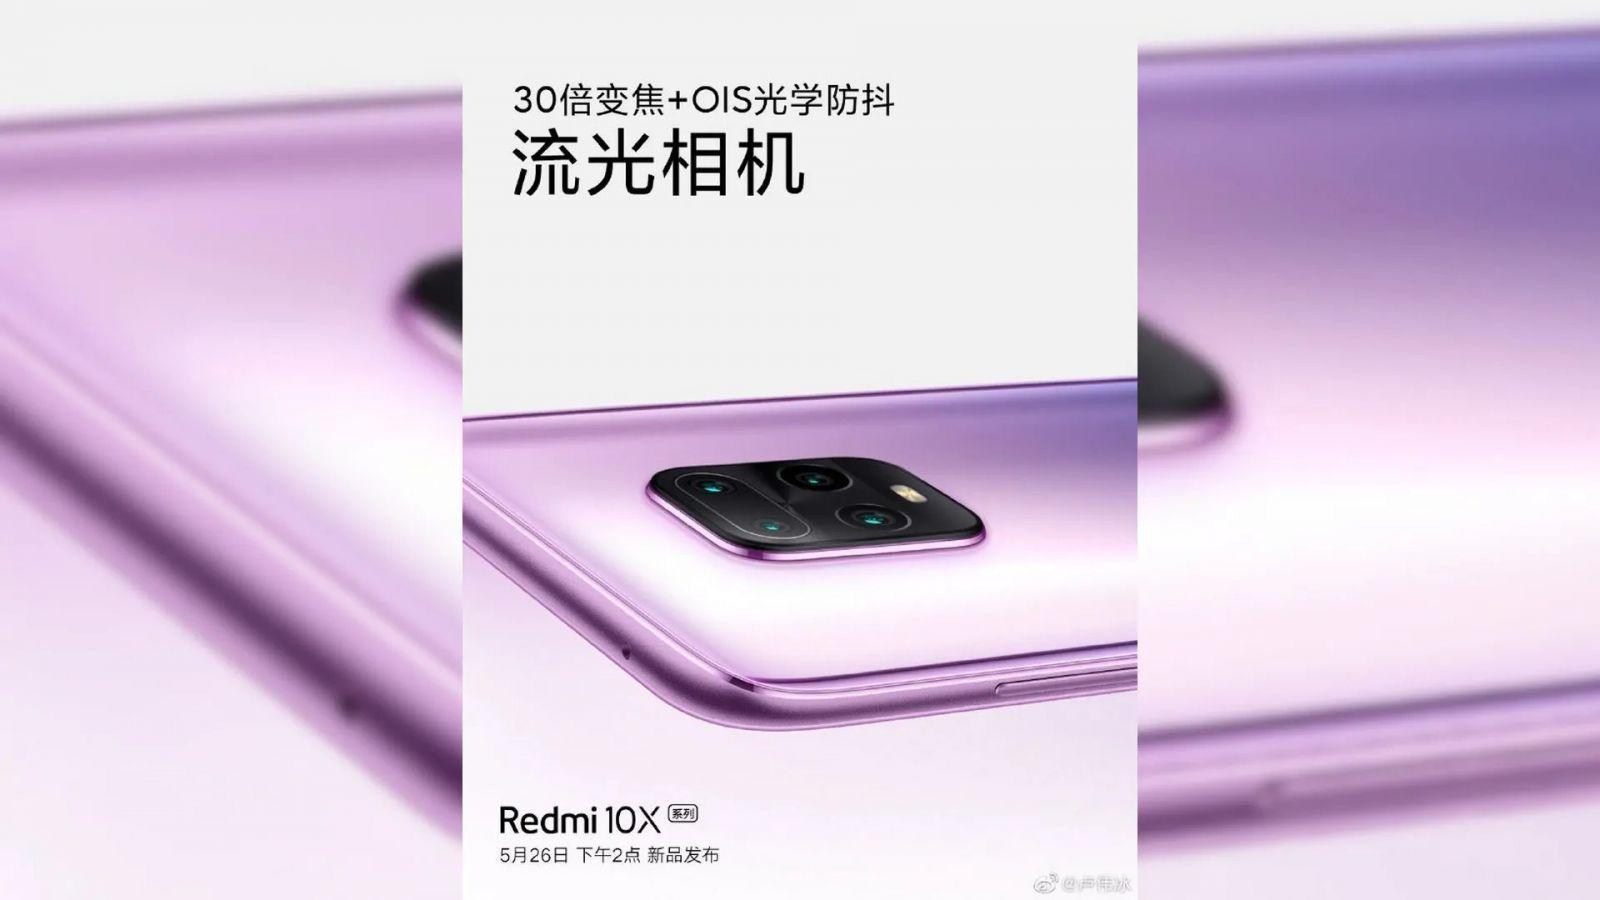 Redmi выпустила несколько тизеров смартфона Redmi 10X